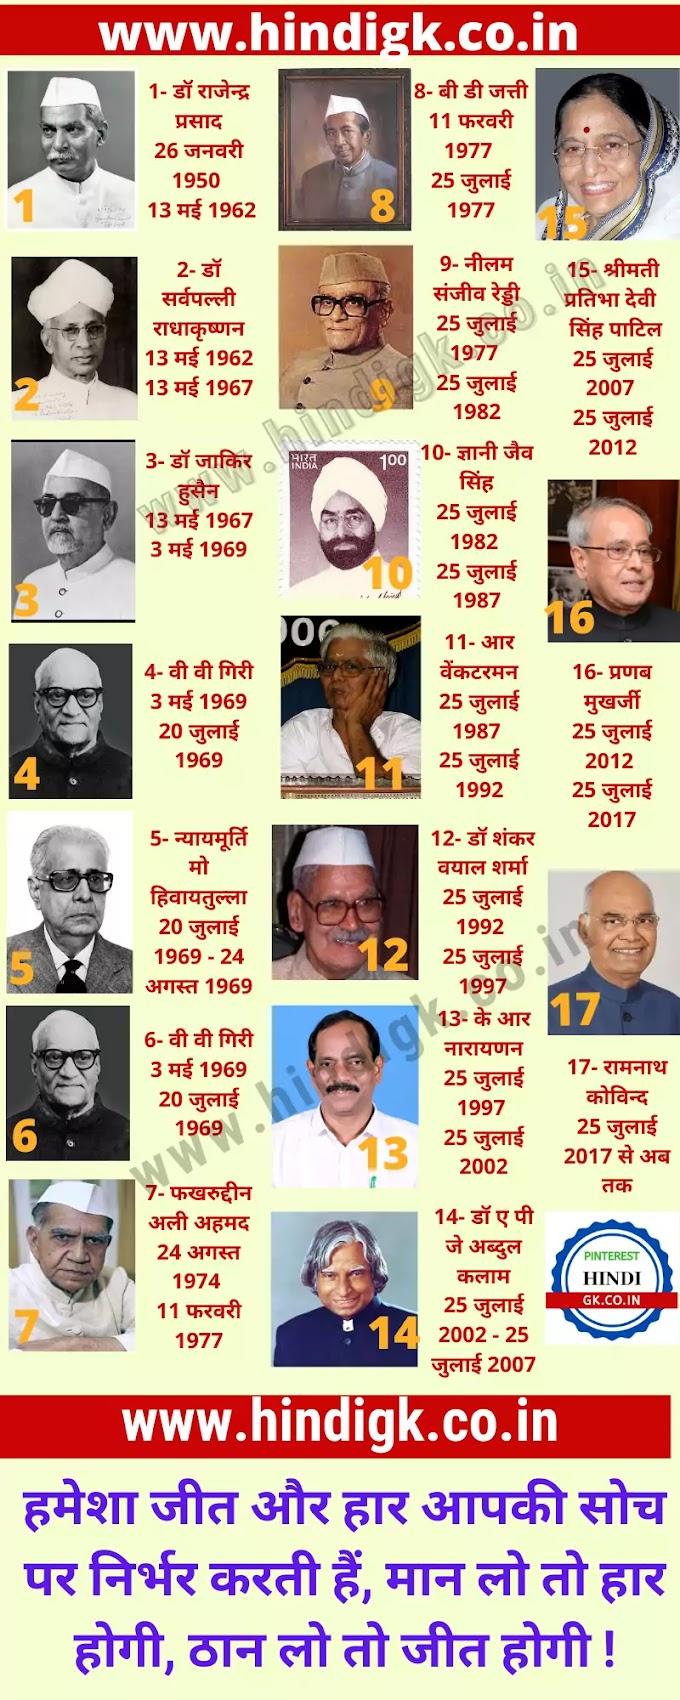 भारत के राष्ट्रपतियों की लिस्ट rashtrapati list in hindi